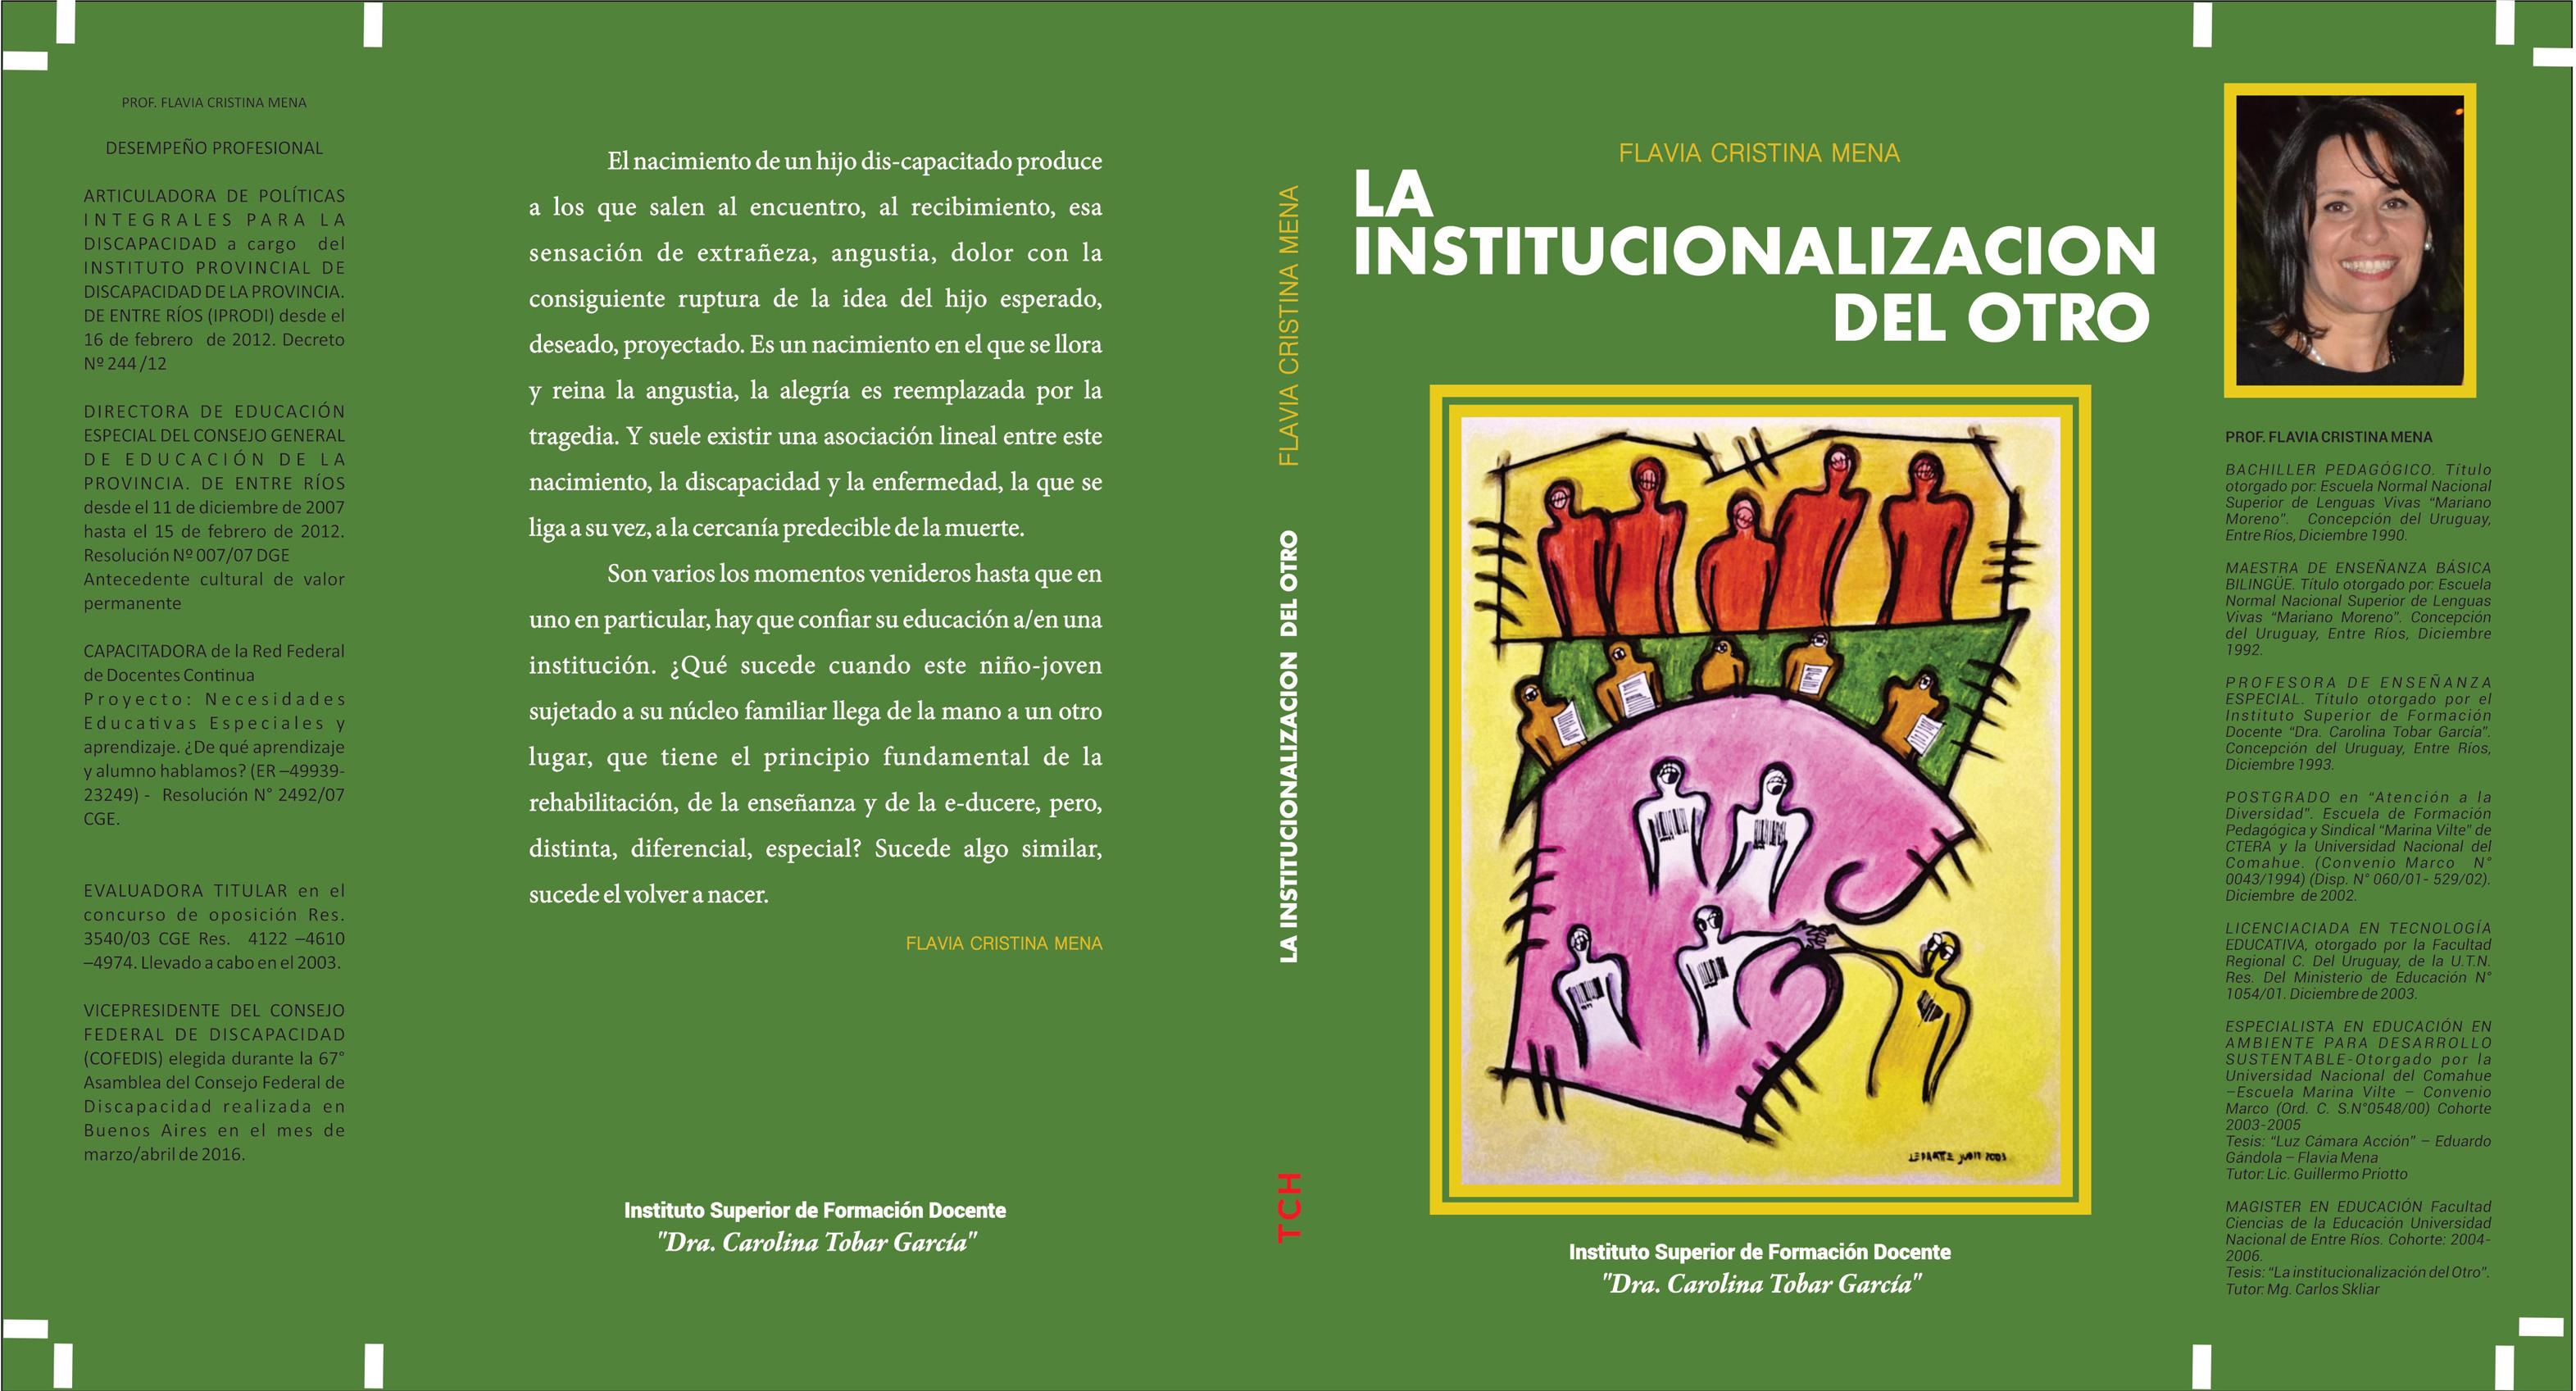 la institucionalizacion del otro